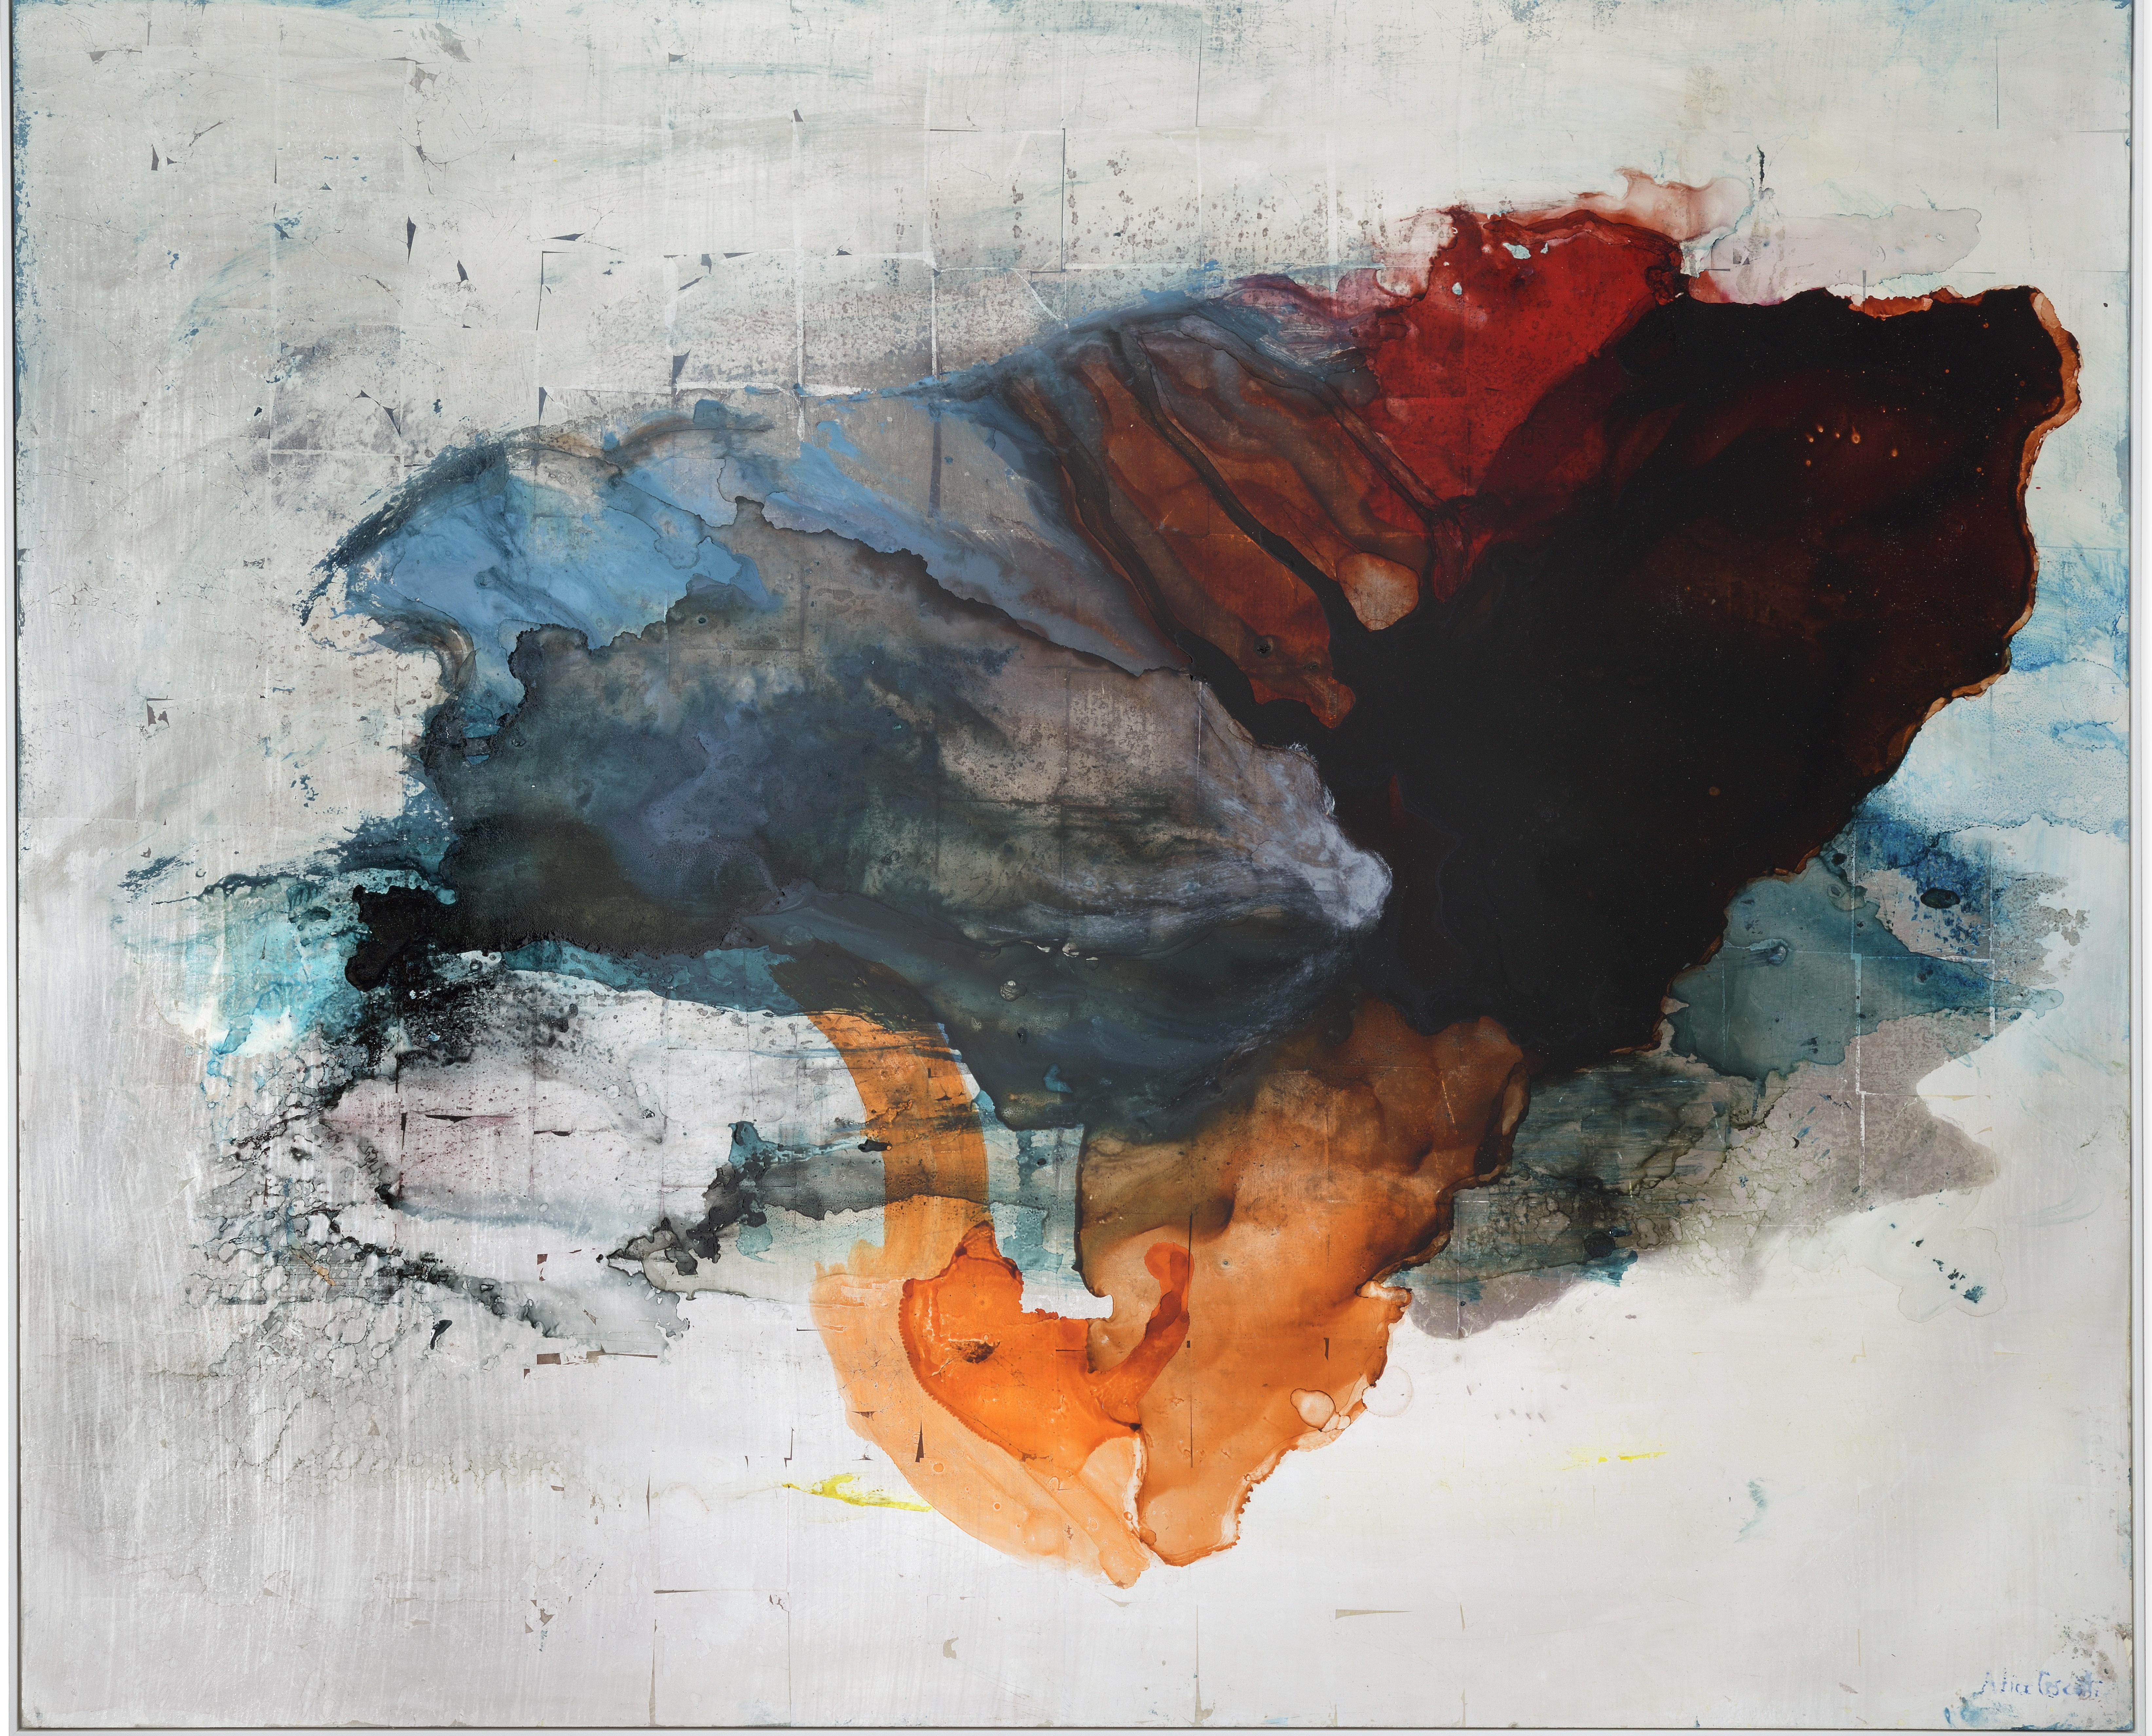 Underwater Genesis by Alice Cescatti